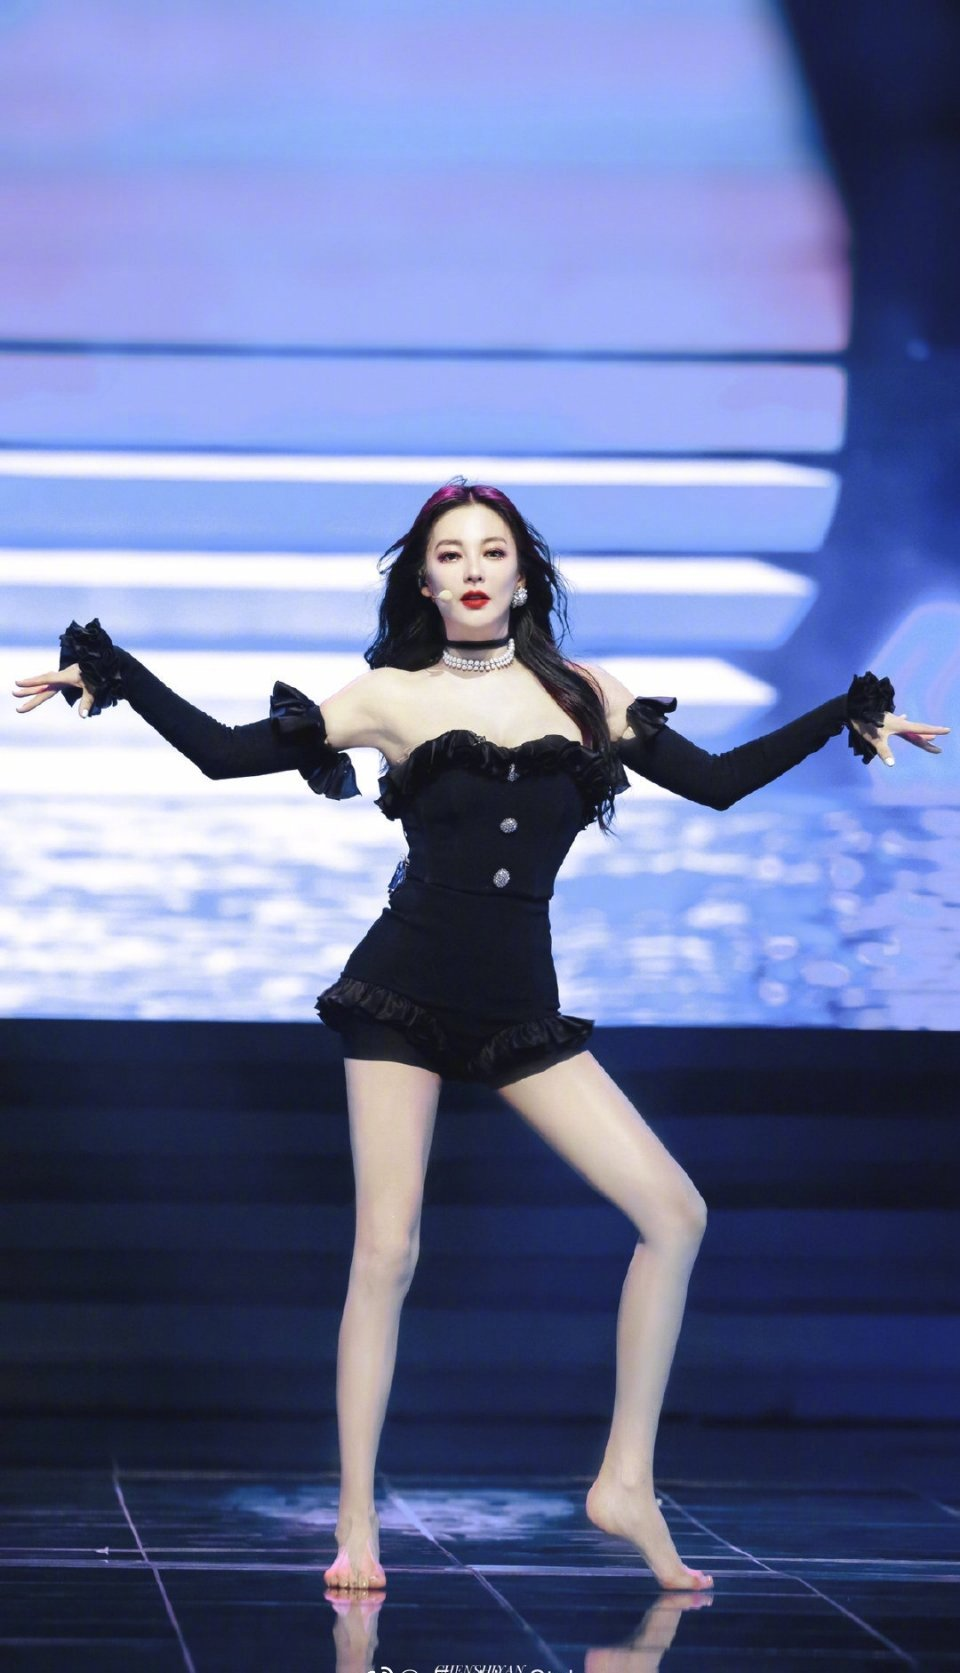 张雨绮舞台造型撞衫jennie,好美啊,有女团的感觉!!